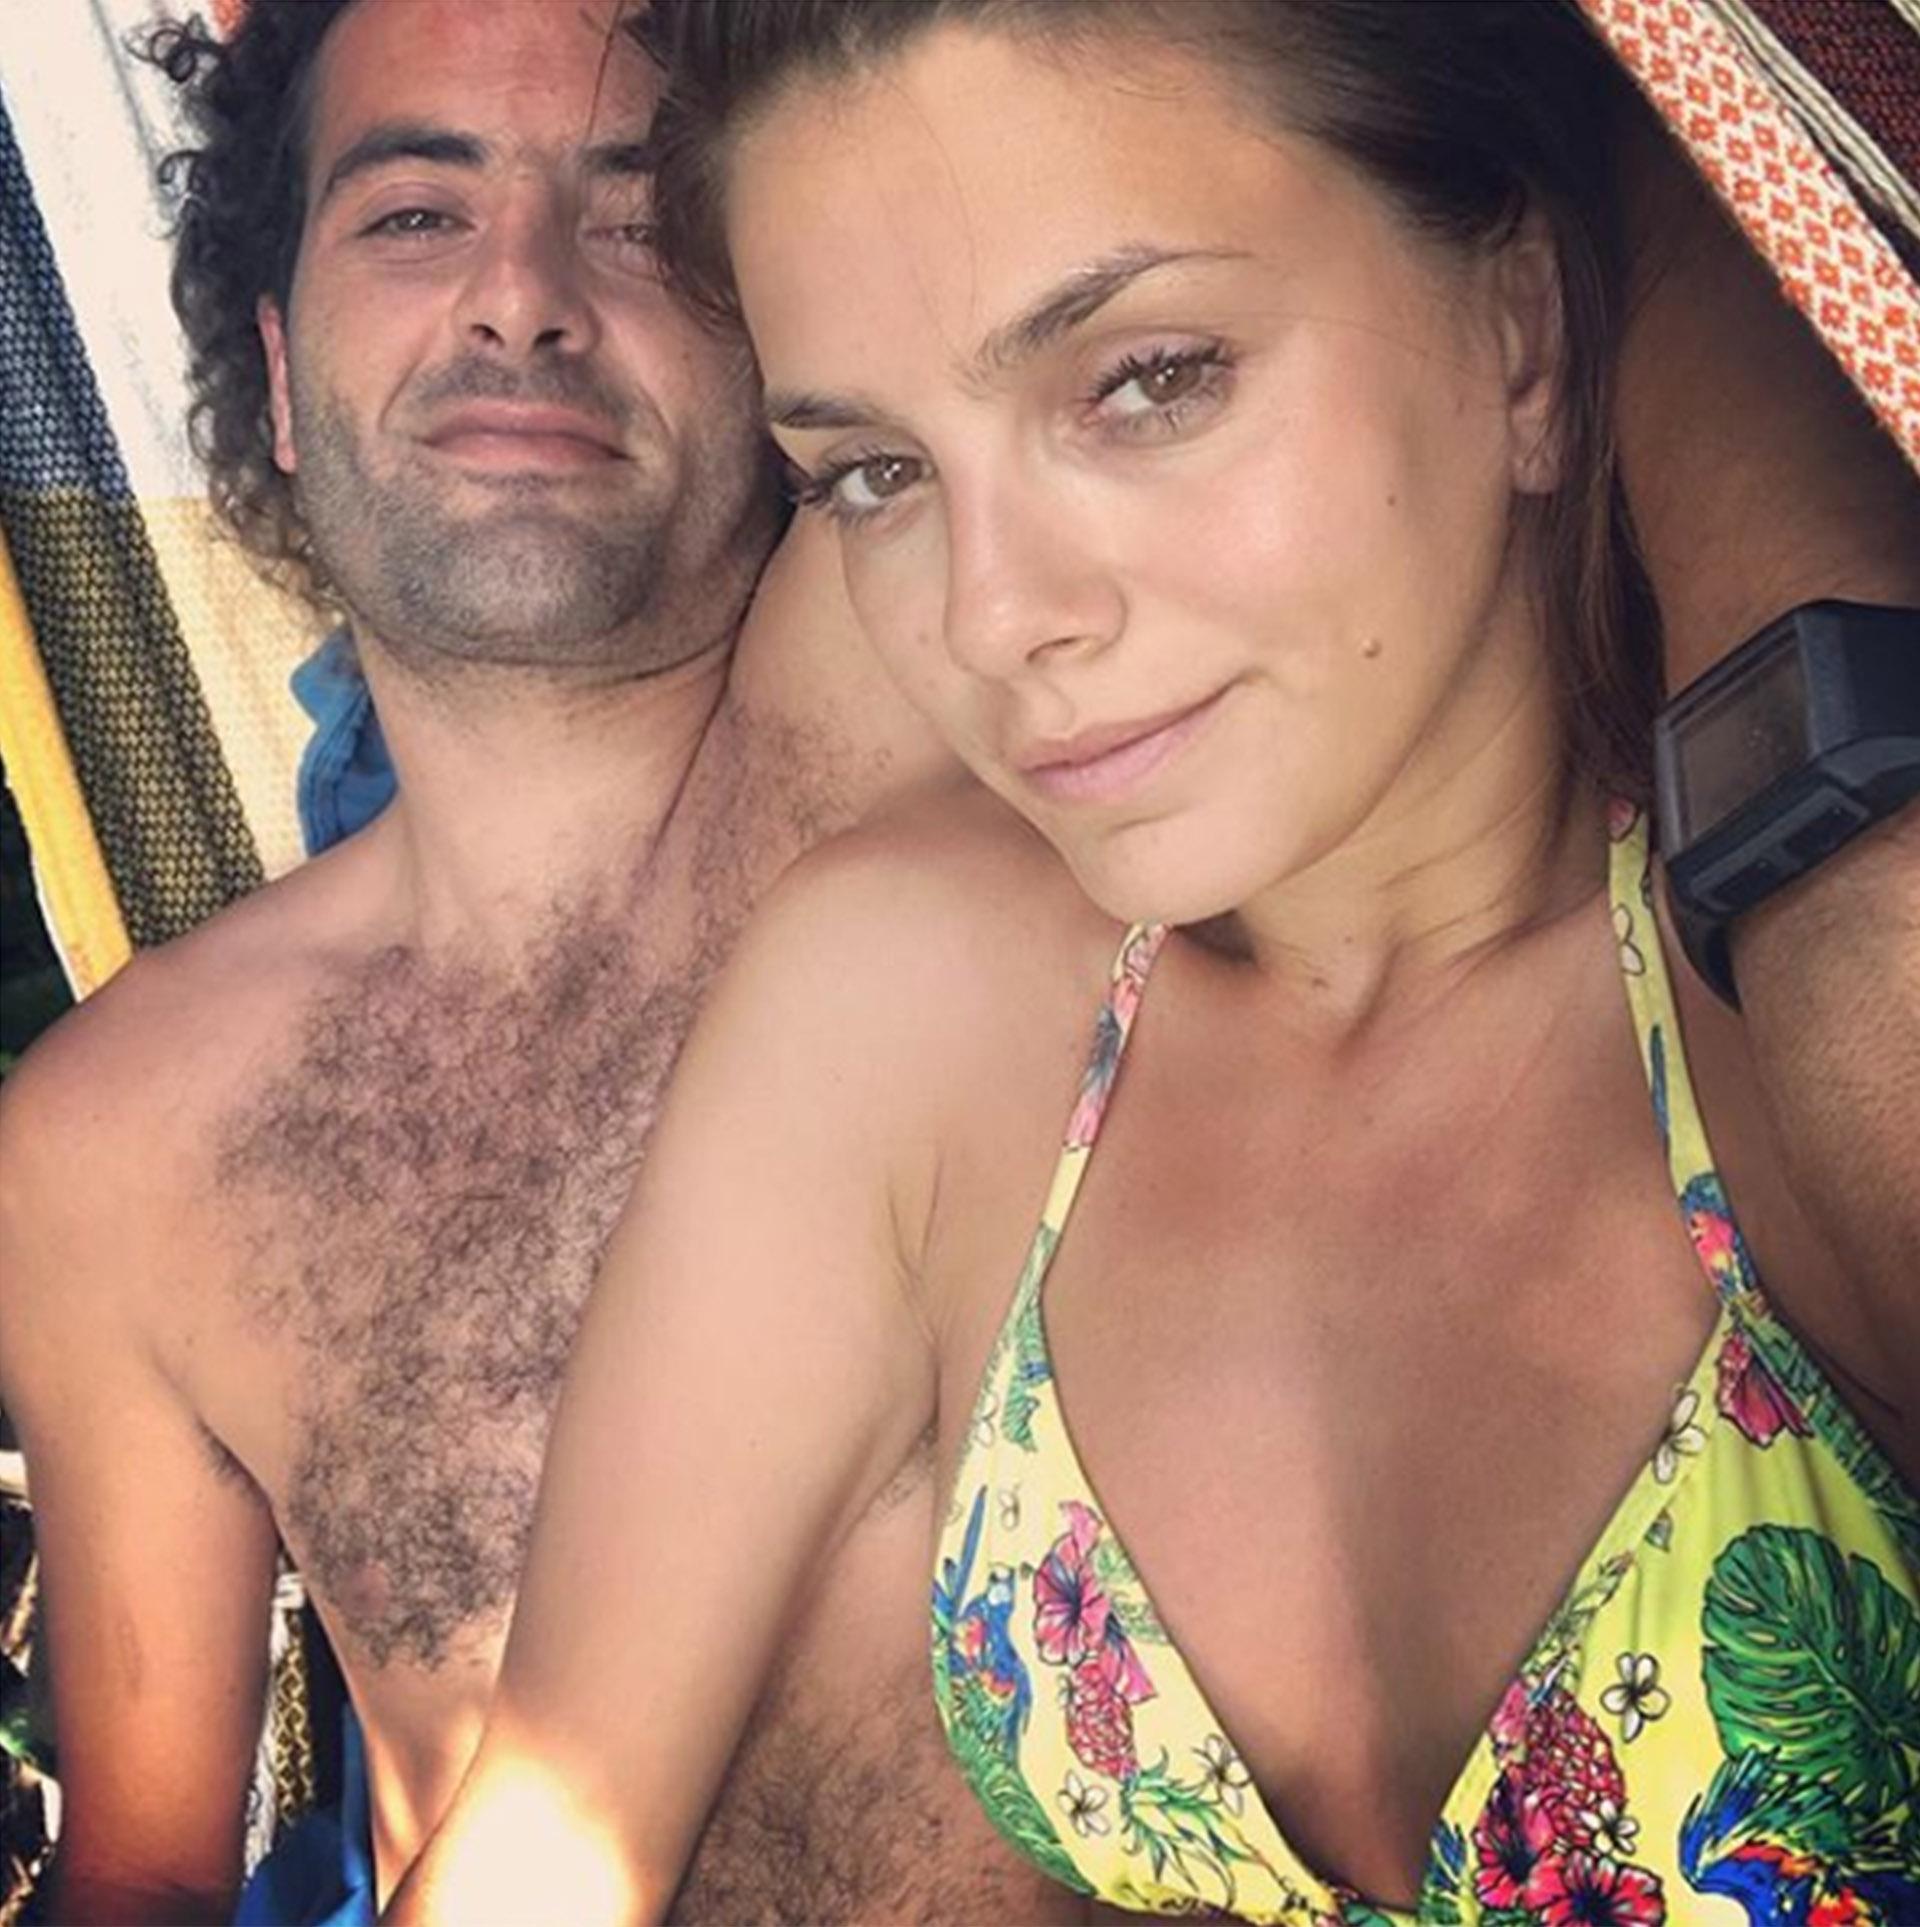 Natalie Pérez le dedicó una postal a su novio para el día de los enamorados, la foto recibió muchas críticas hacia su pareja y la actriz le respondió a sus haters